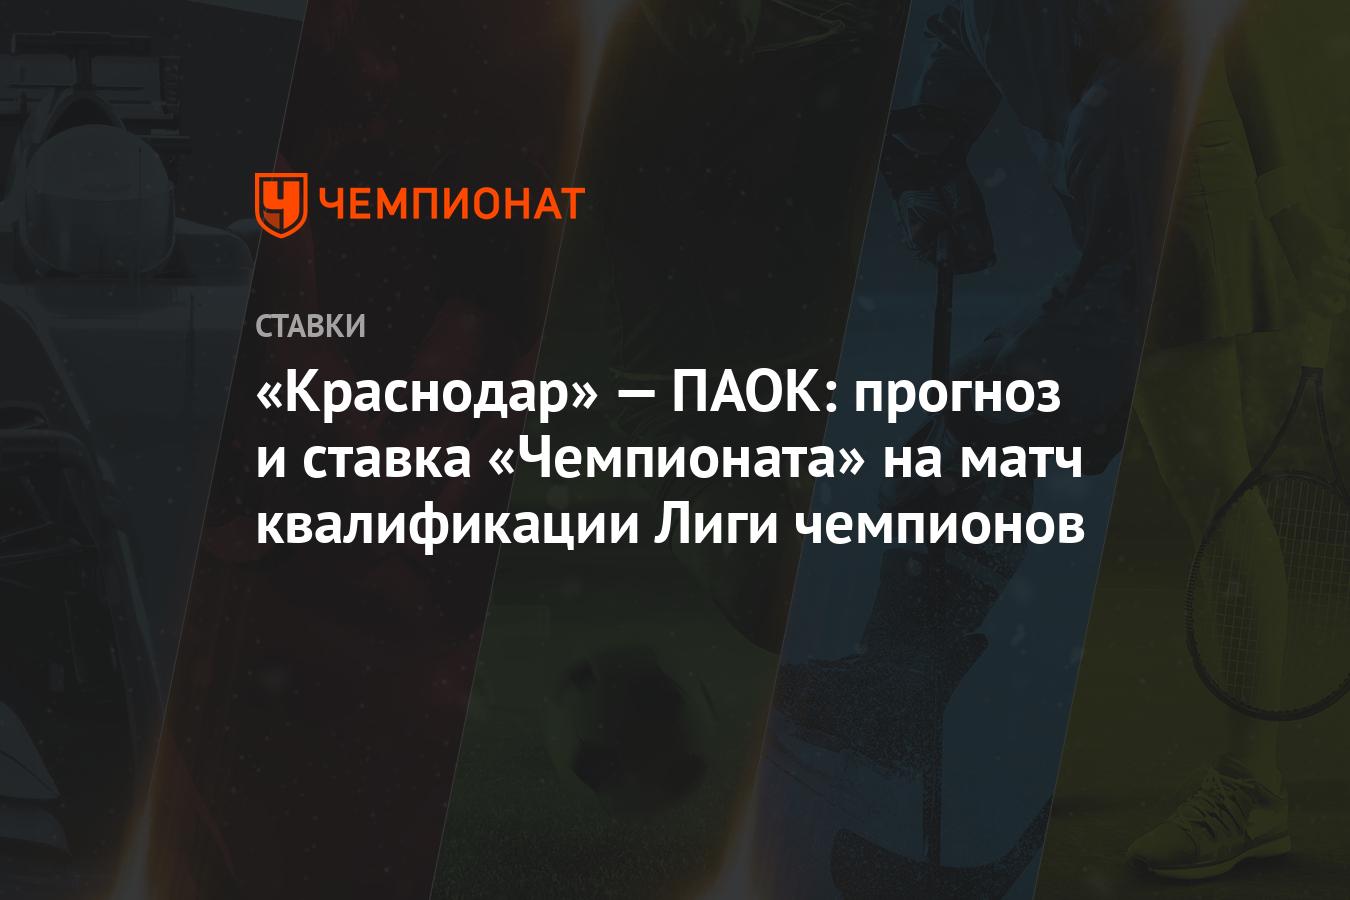 «Краснодар» — ПАОК: прогноз и ставка «Чемпионата» на матч квалификации Лиги чемпионов